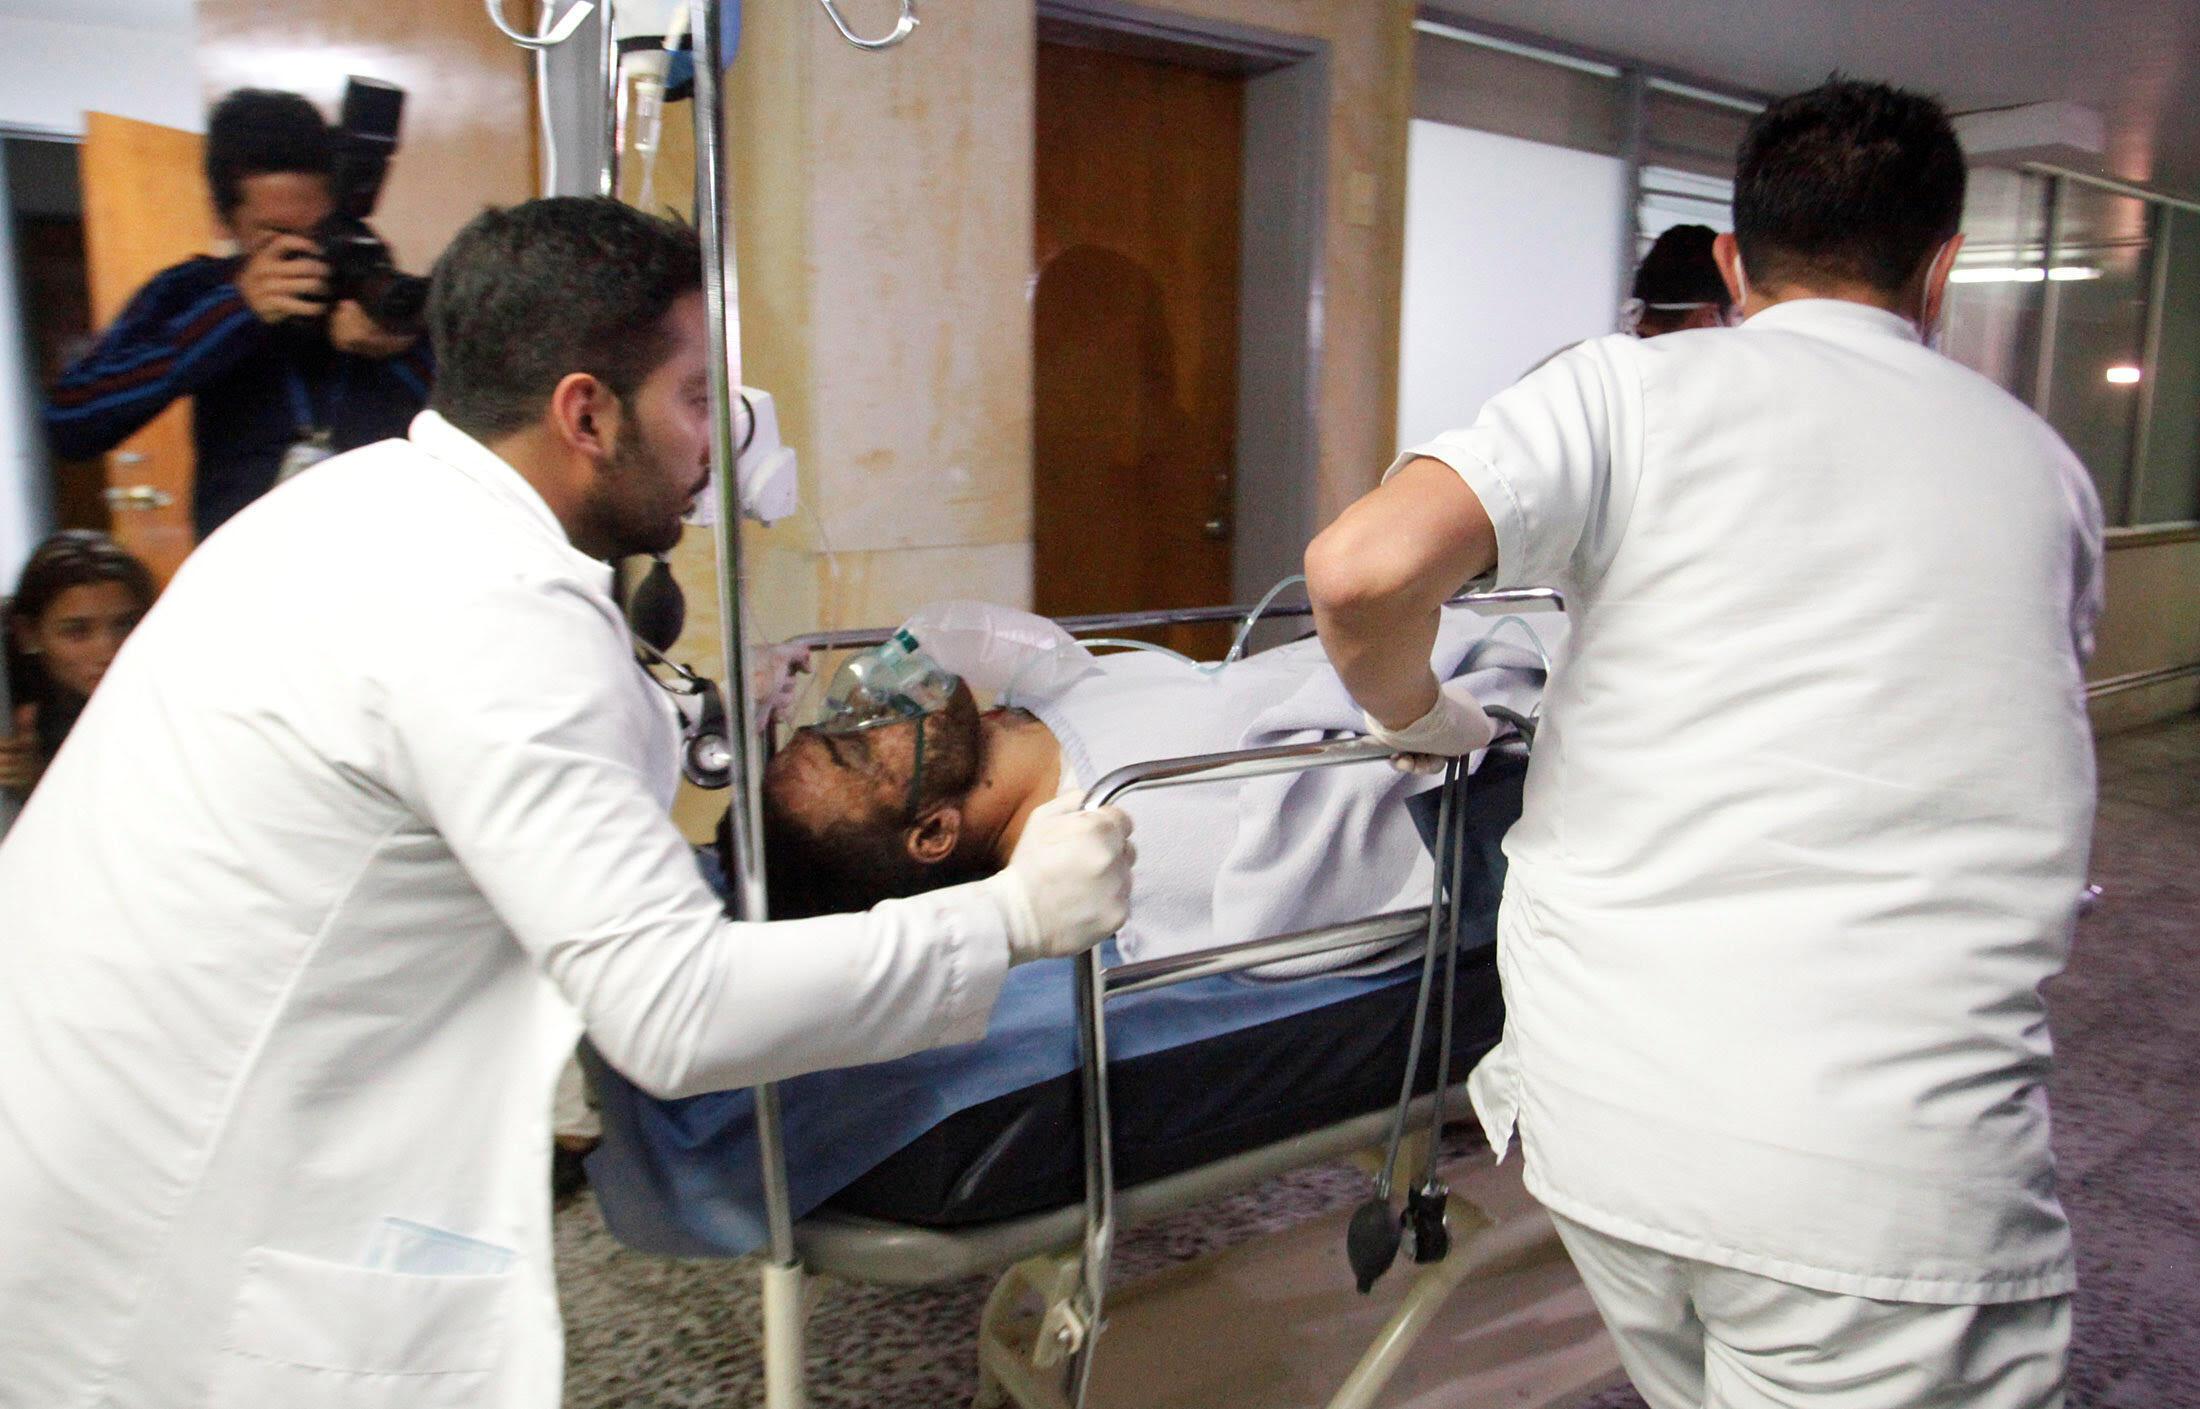 O lateral Alan Ruschel da Chapecoense é um dos sobreviventes, informou a Aviação Civil da Colômbia. O jogador, de 27 anos, foi levado para o hospital do minicípio La Ceja, próximo ao local do acidente.